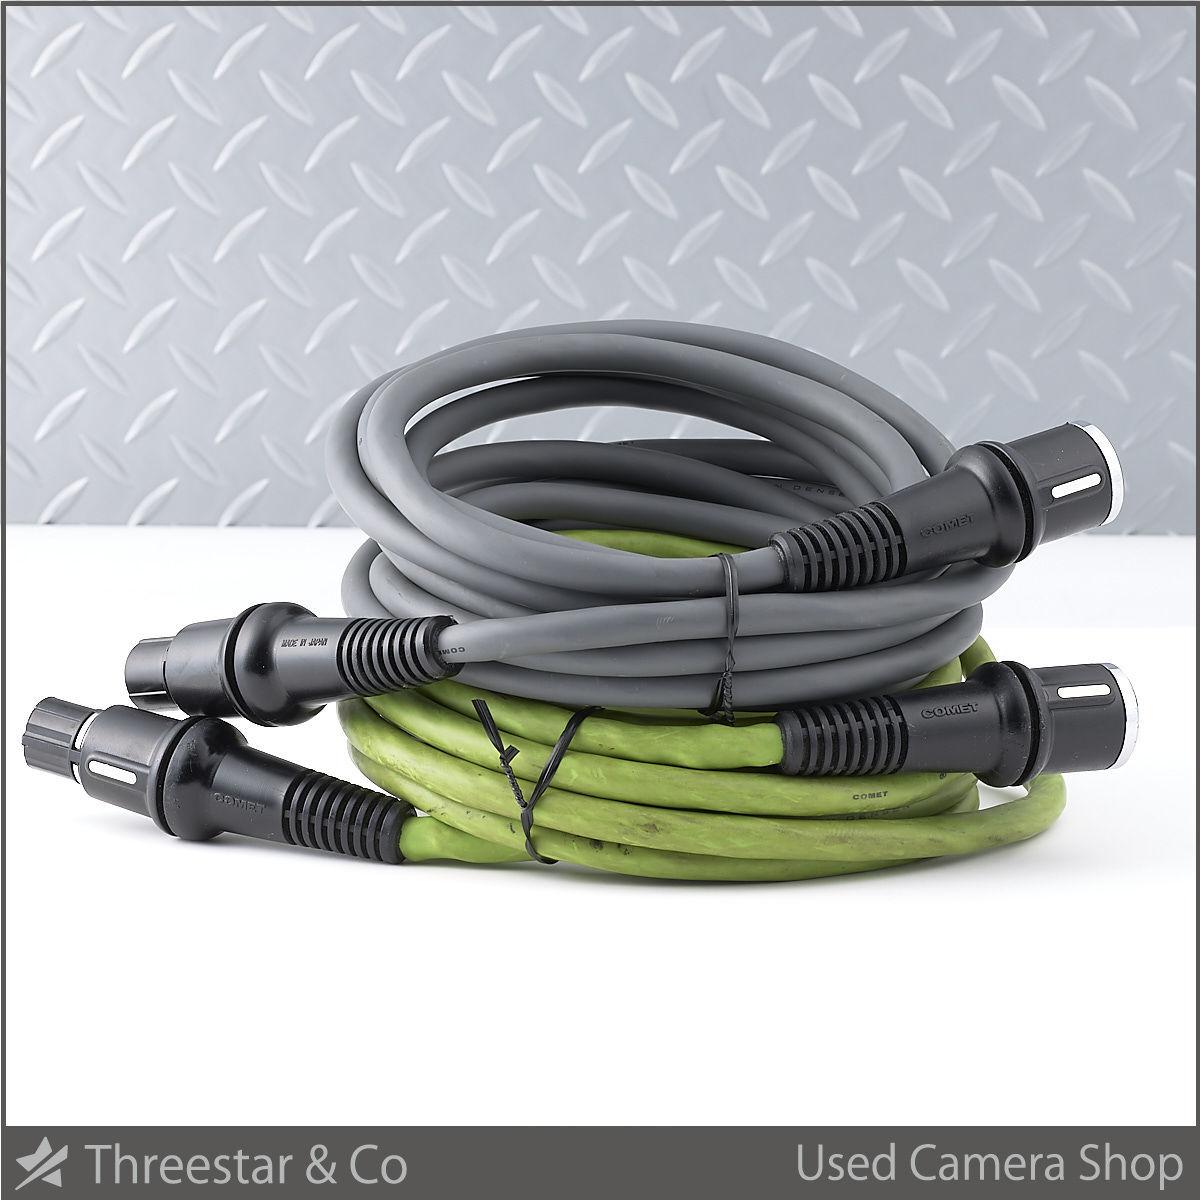 COMET コメット CX 延長ケーブル 4m 2本セット